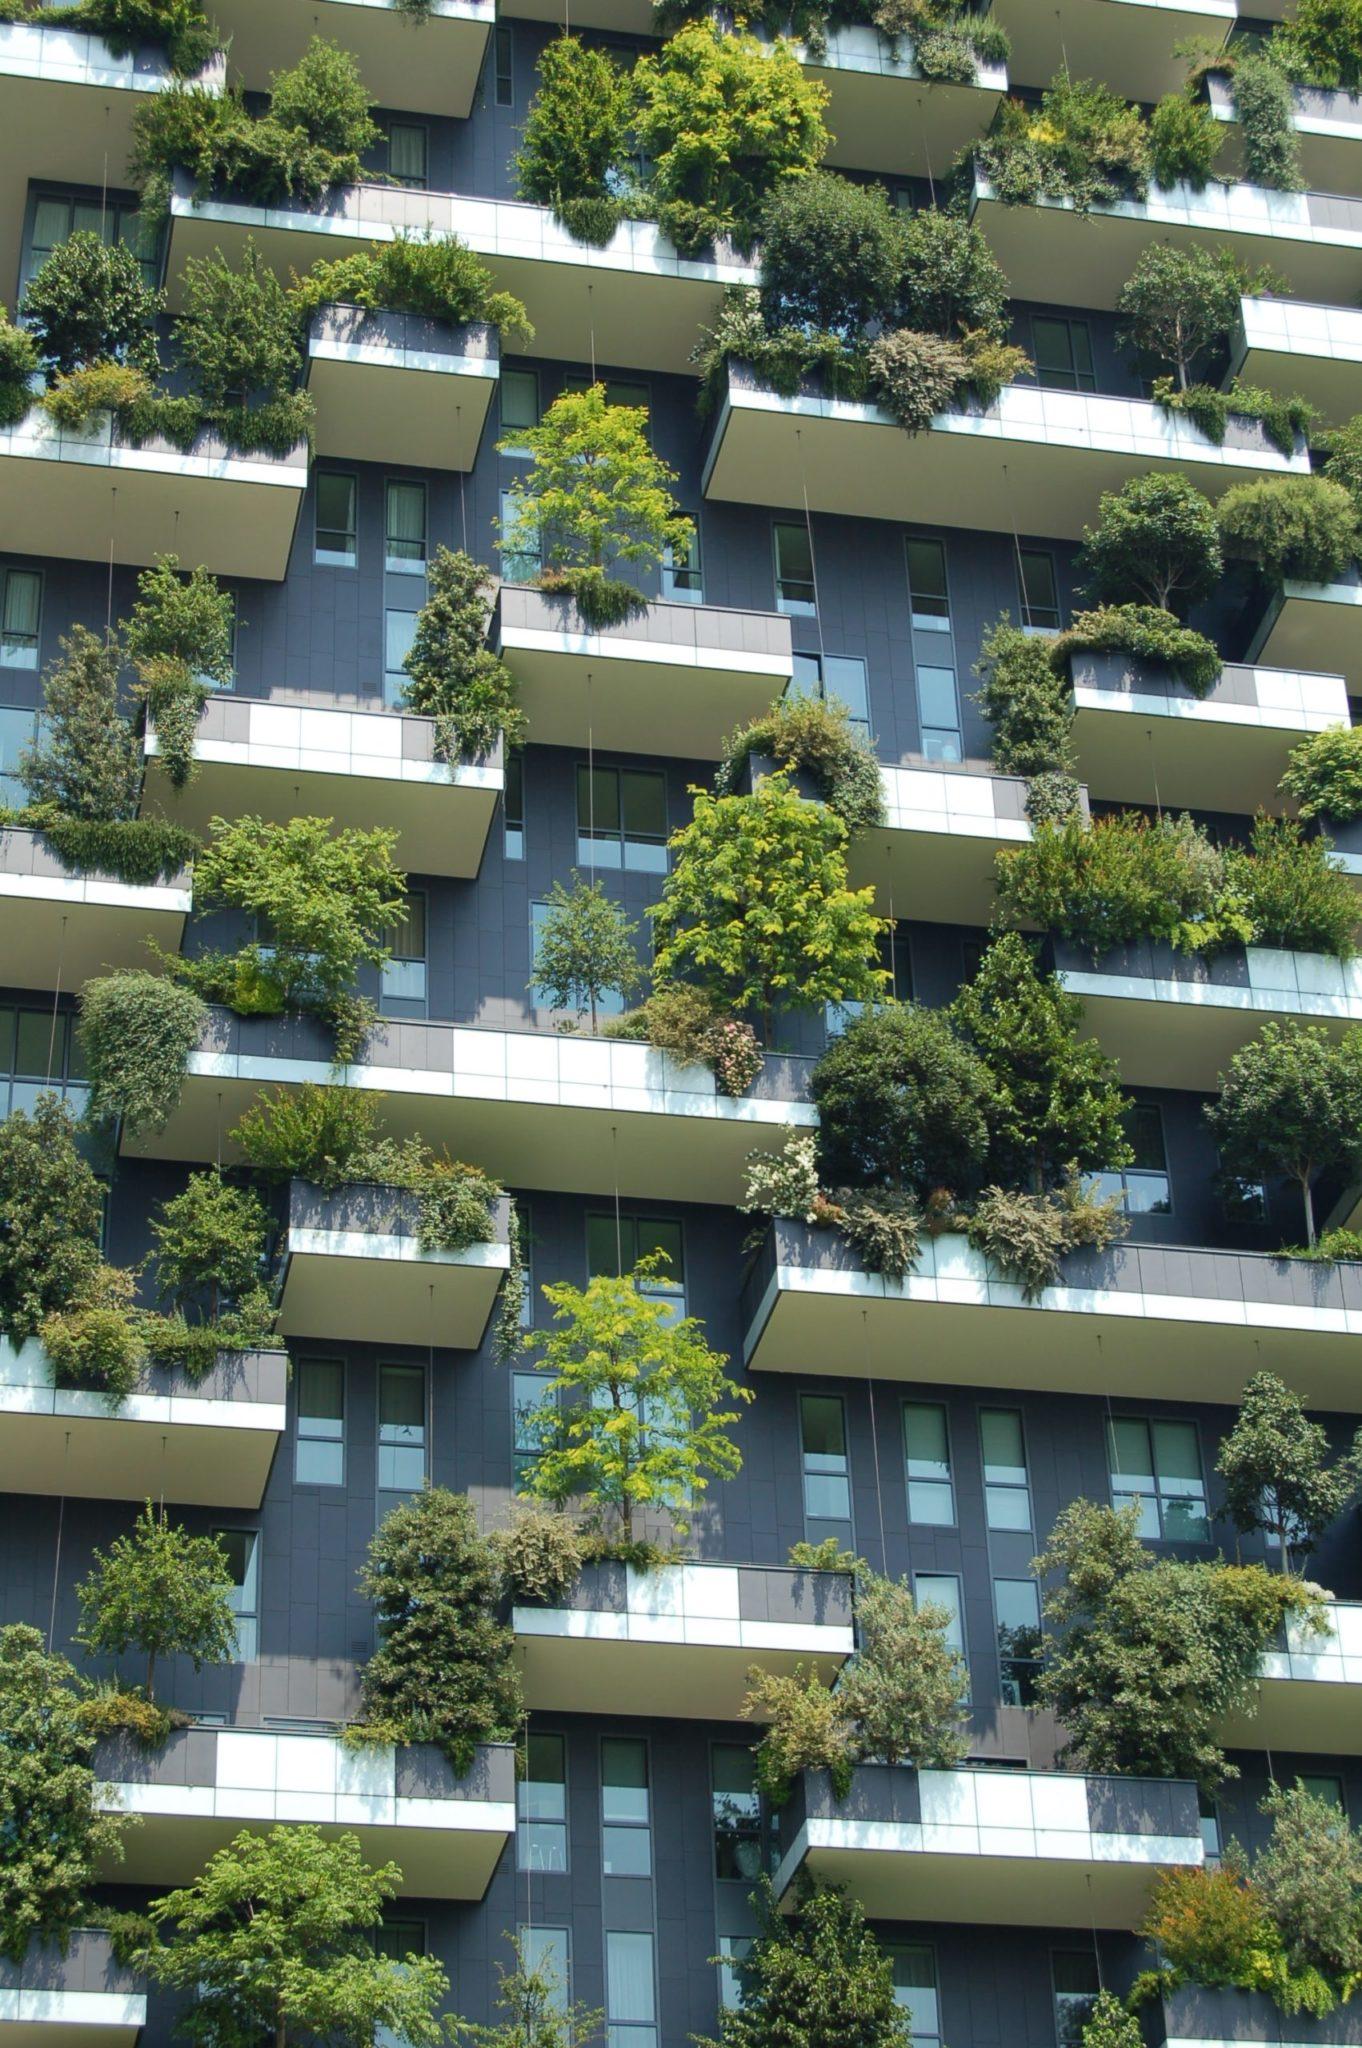 Will the Coronavirus pandemic change the built environment around us?